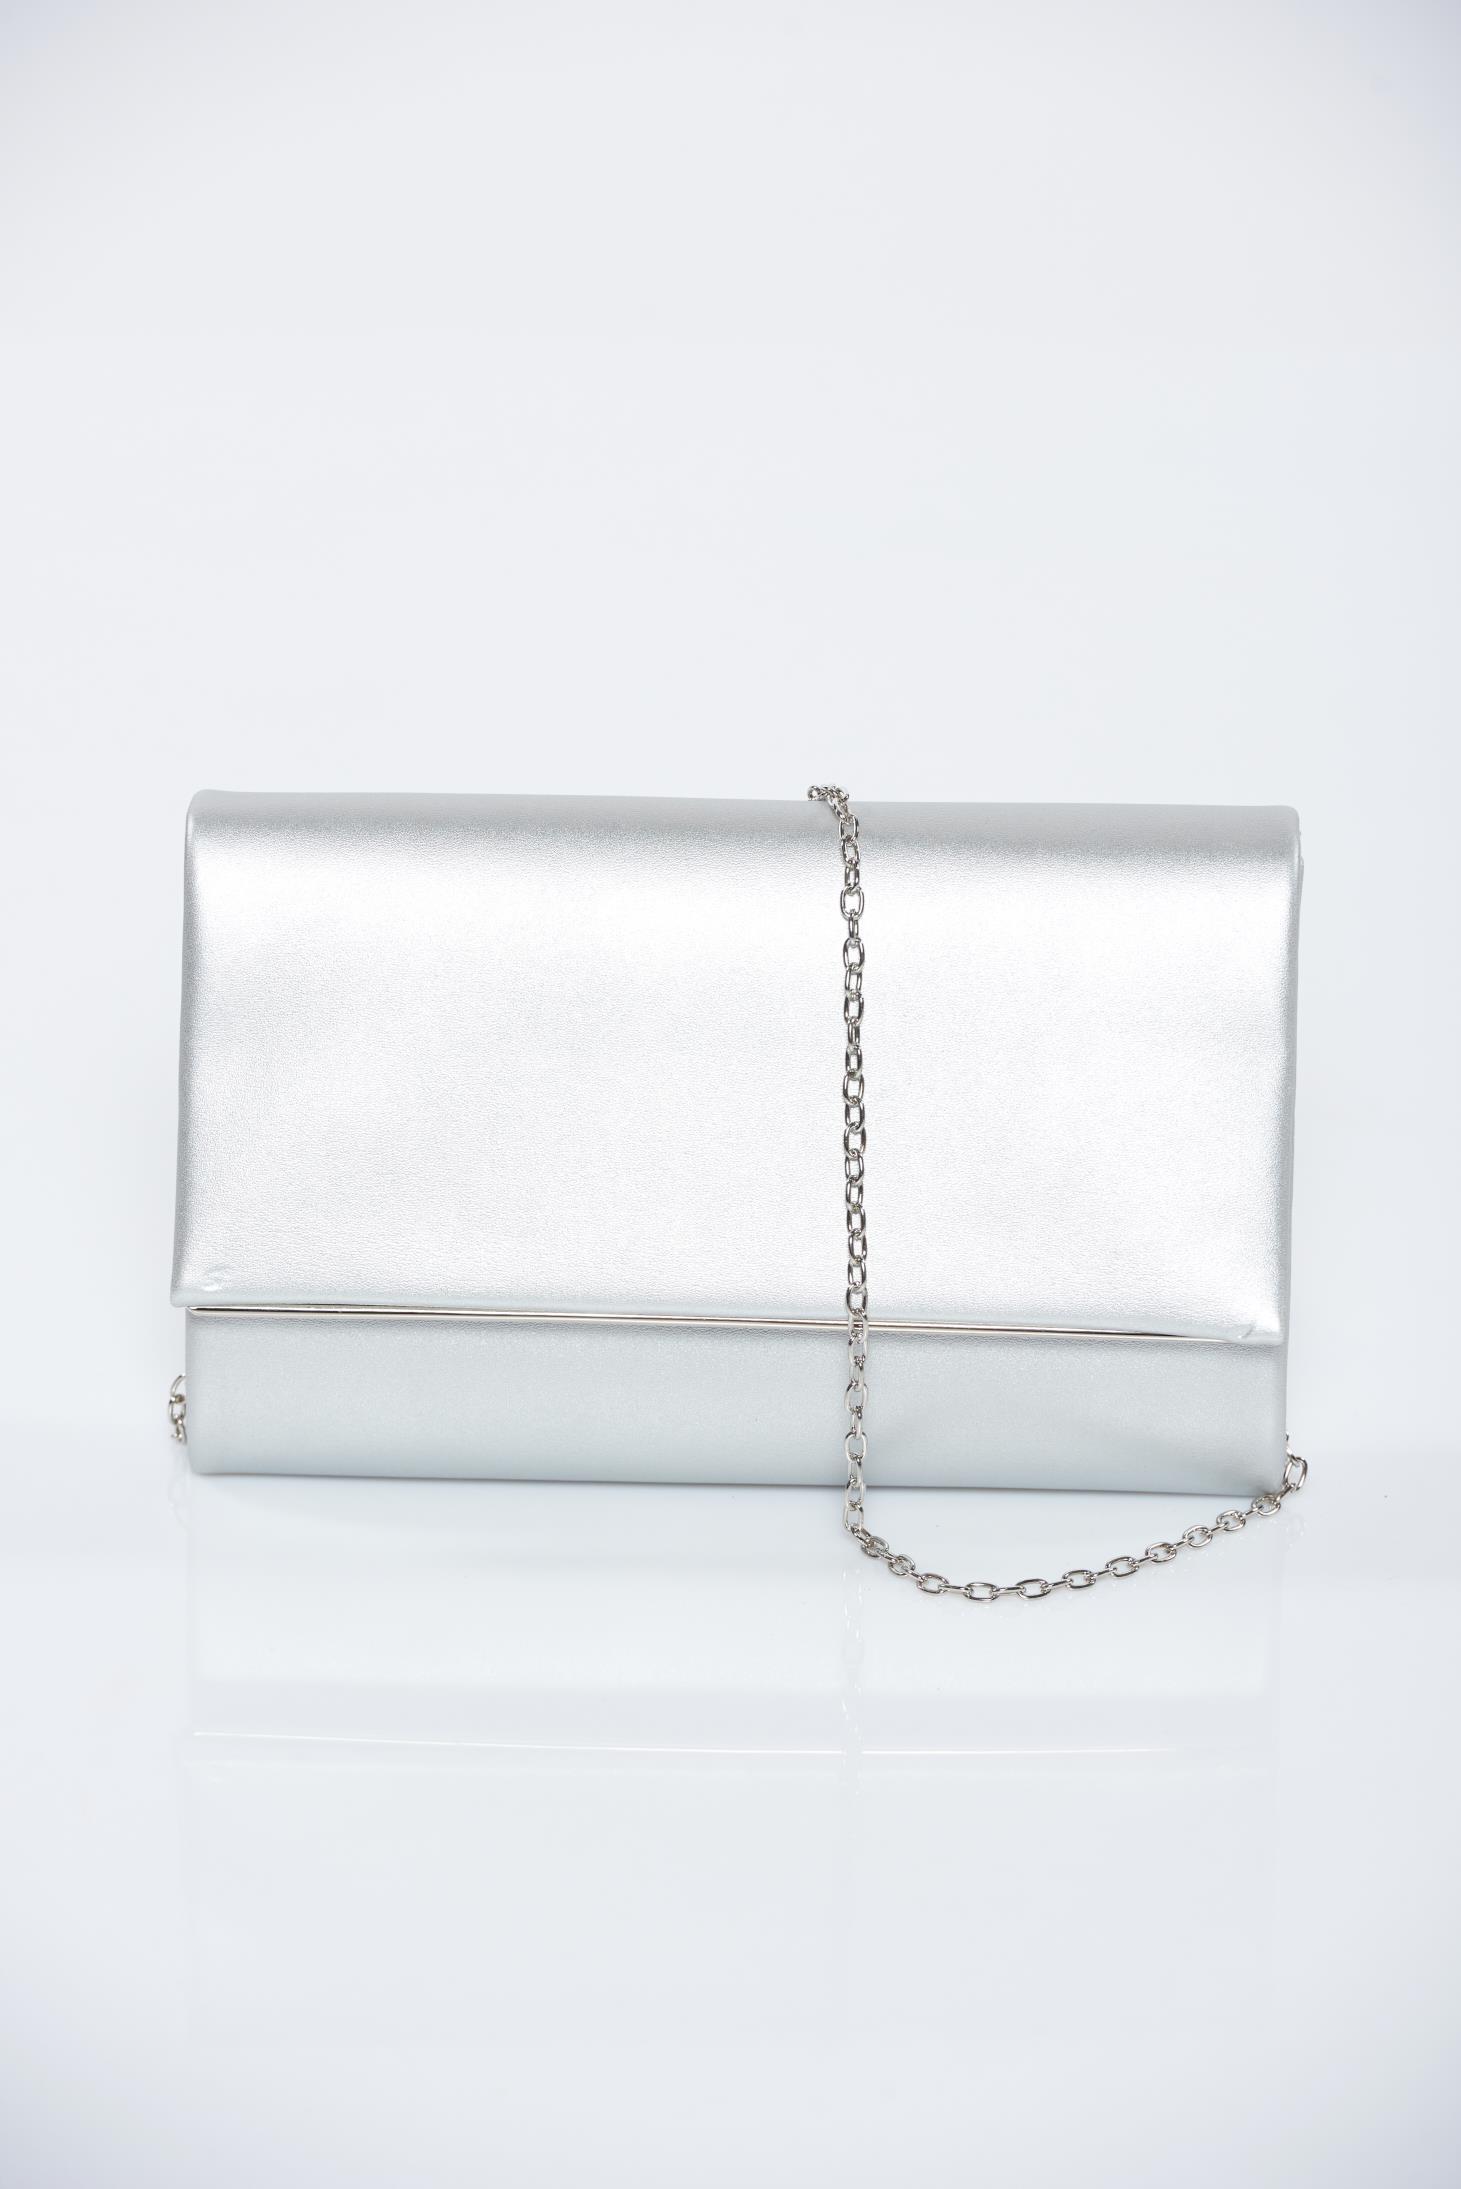 Geanta dama argintie de ocazie cu aspect metalic accesorizata cu lantisor